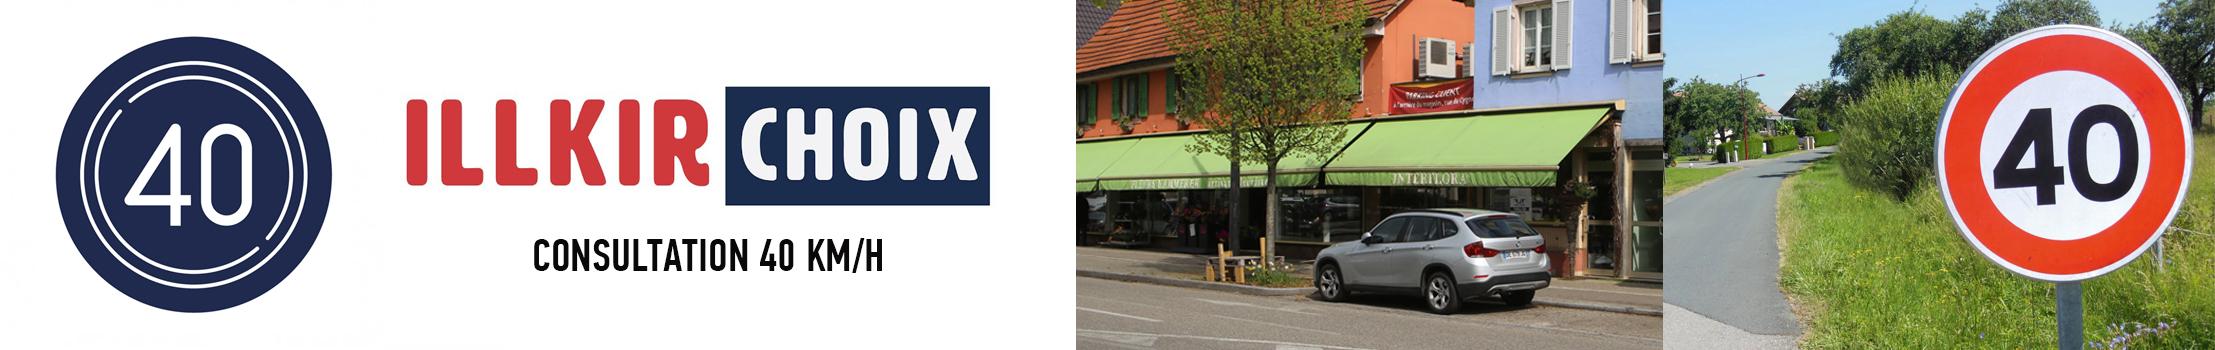 Démocratie Active à Illkirch : Consultation 40 km/h à Illkirch-Graffenstaden